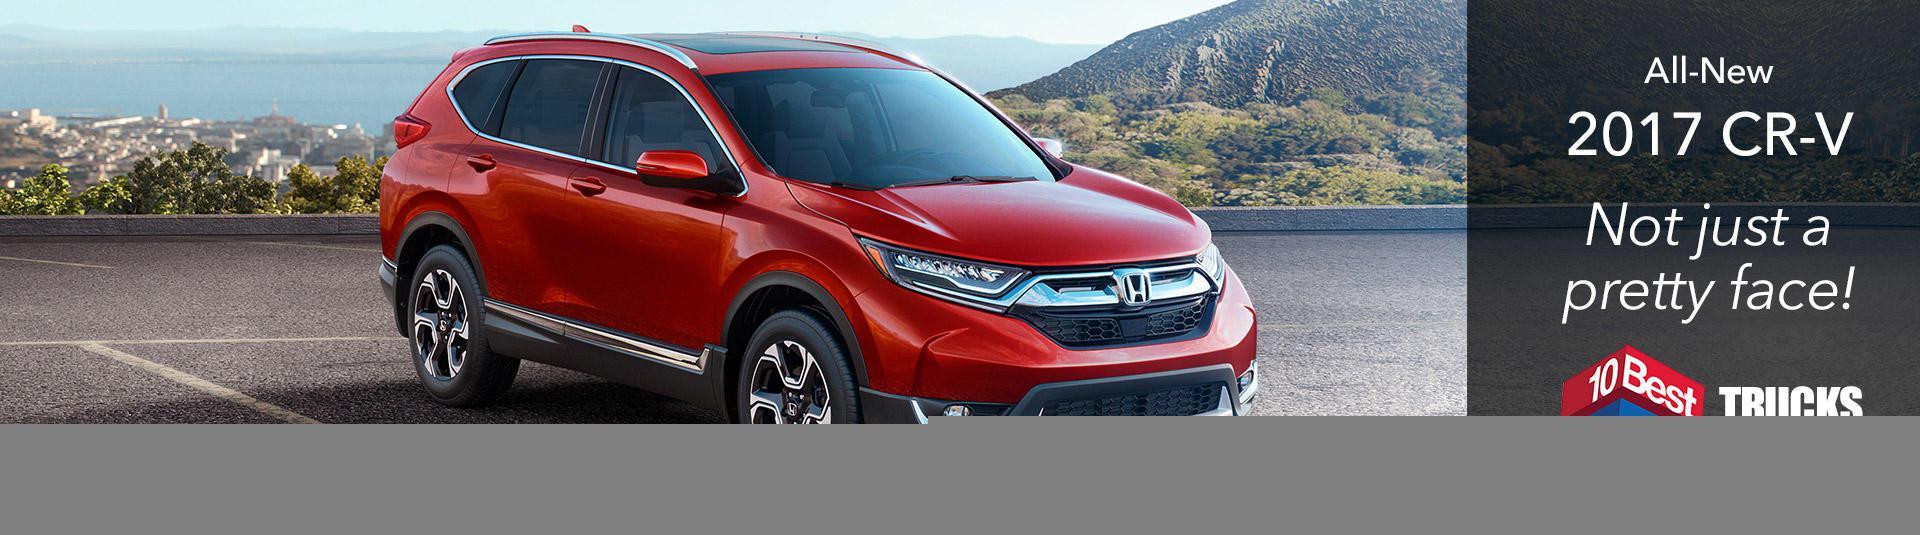 2017 All-New Honda CR-V